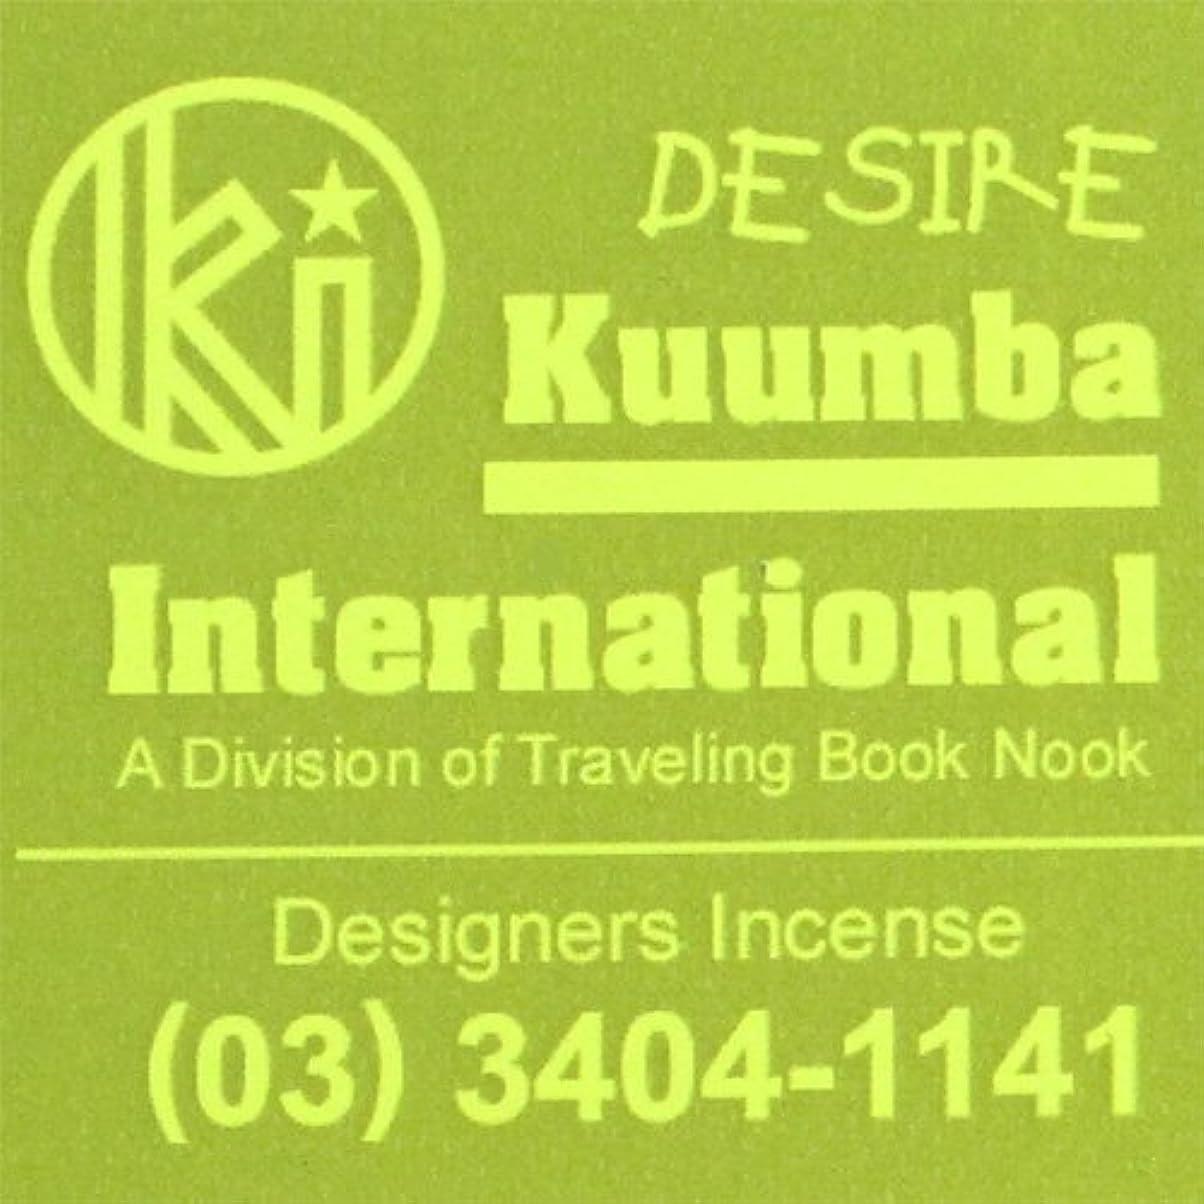 文明化レンダリング毛細血管(クンバ) KUUMBA『classic regular incense』(DESIRE) (Regular size)